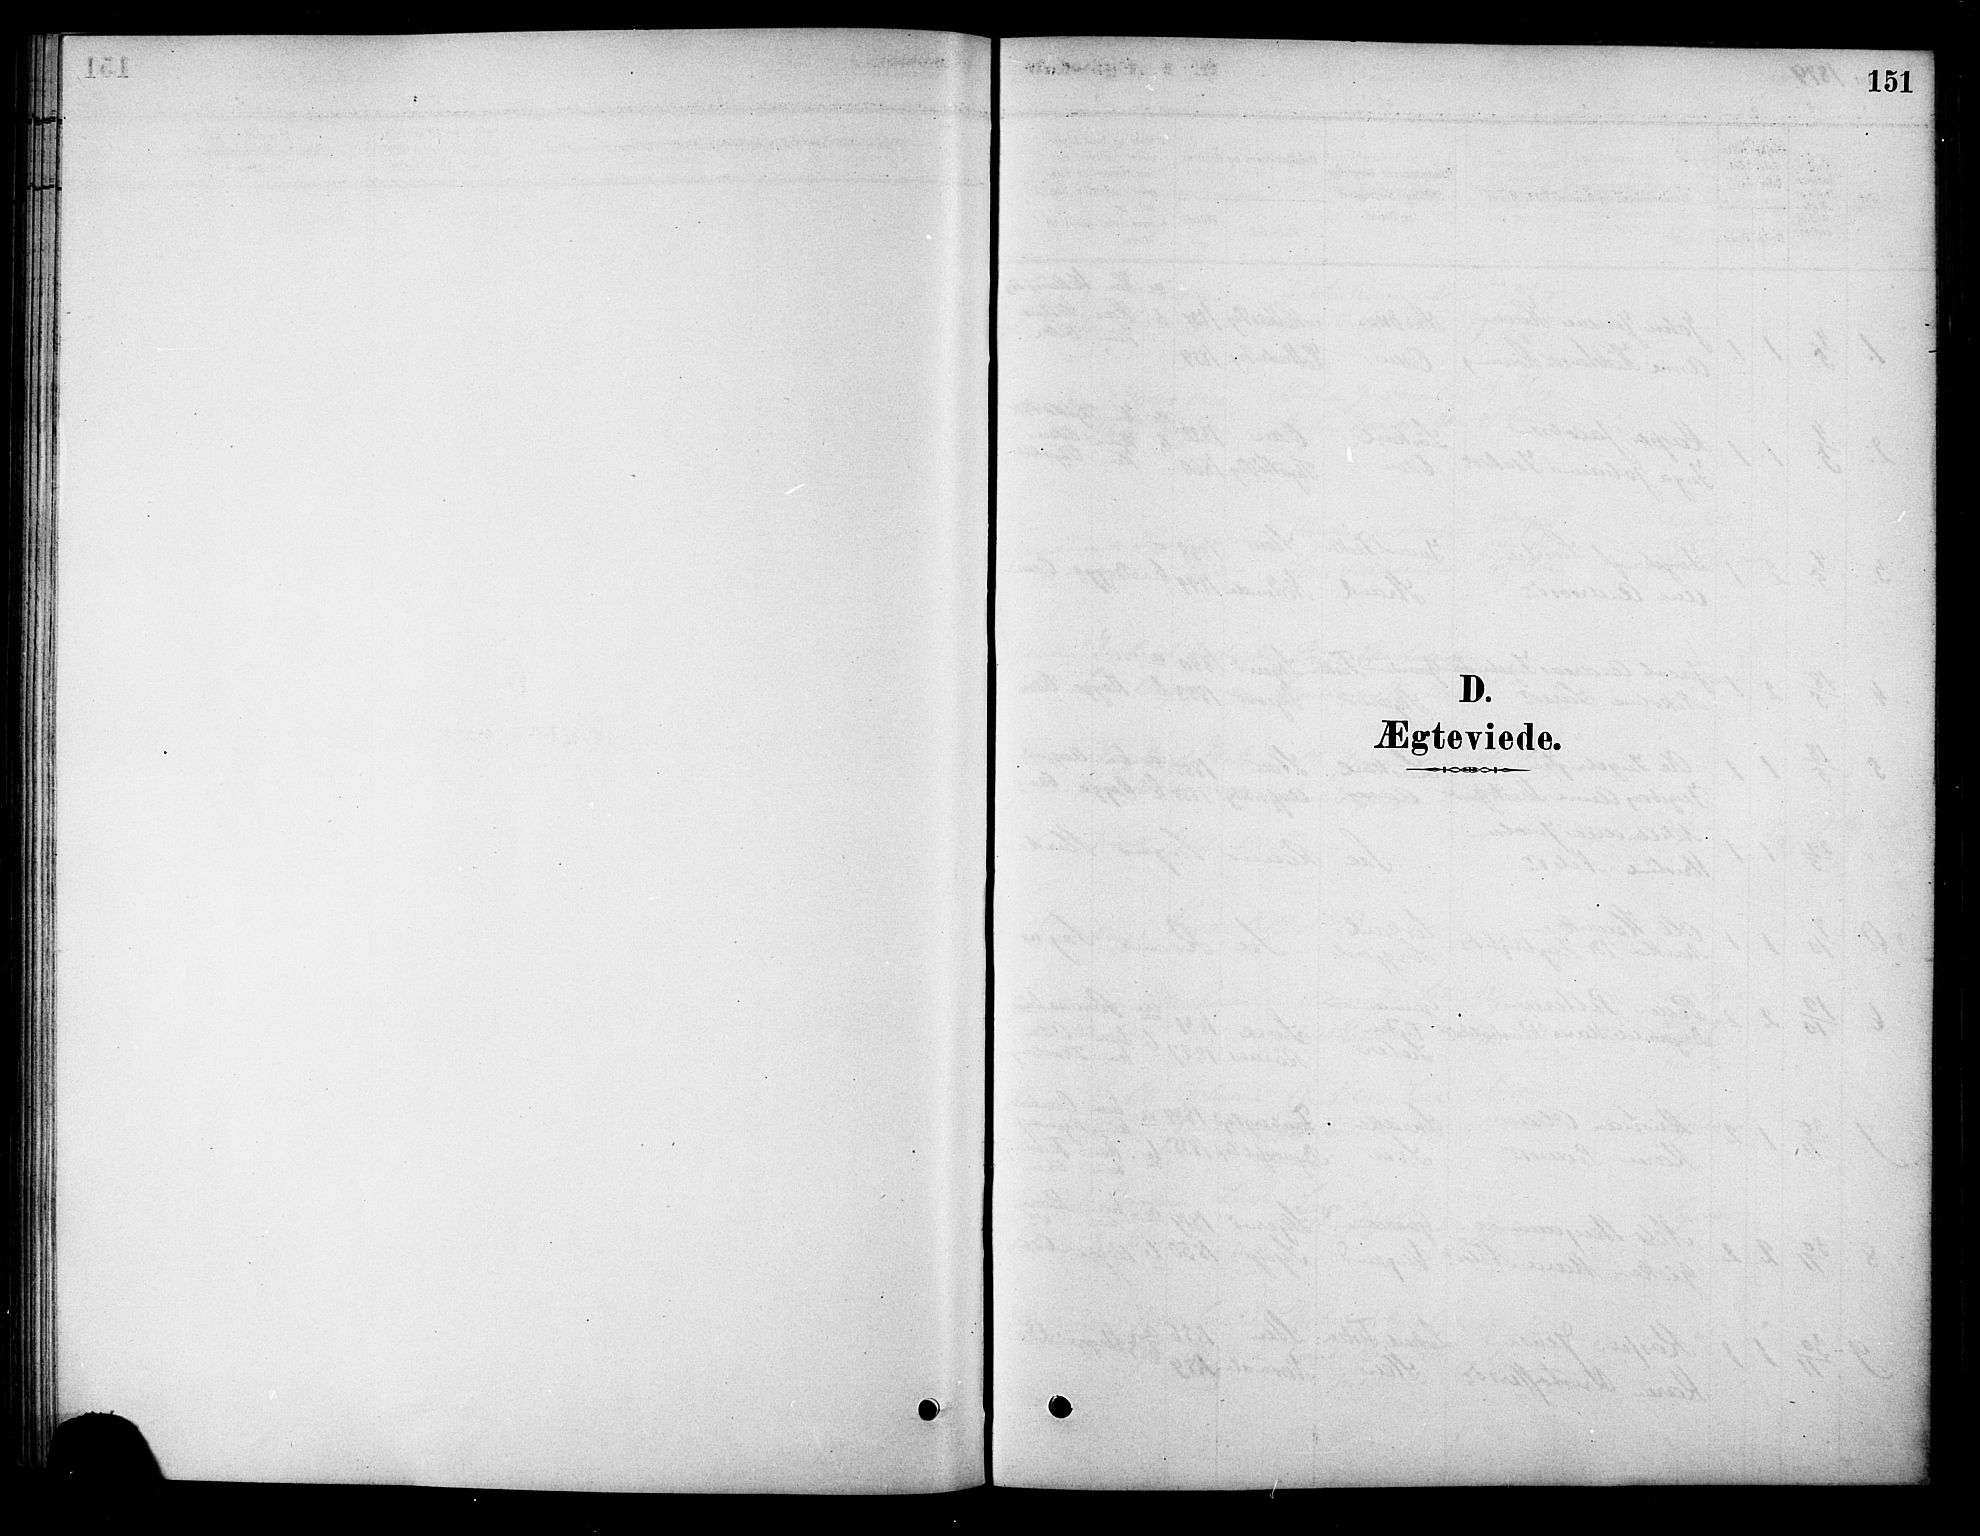 SAT, Ministerialprotokoller, klokkerbøker og fødselsregistre - Sør-Trøndelag, 658/L0722: Ministerialbok nr. 658A01, 1879-1896, s. 151